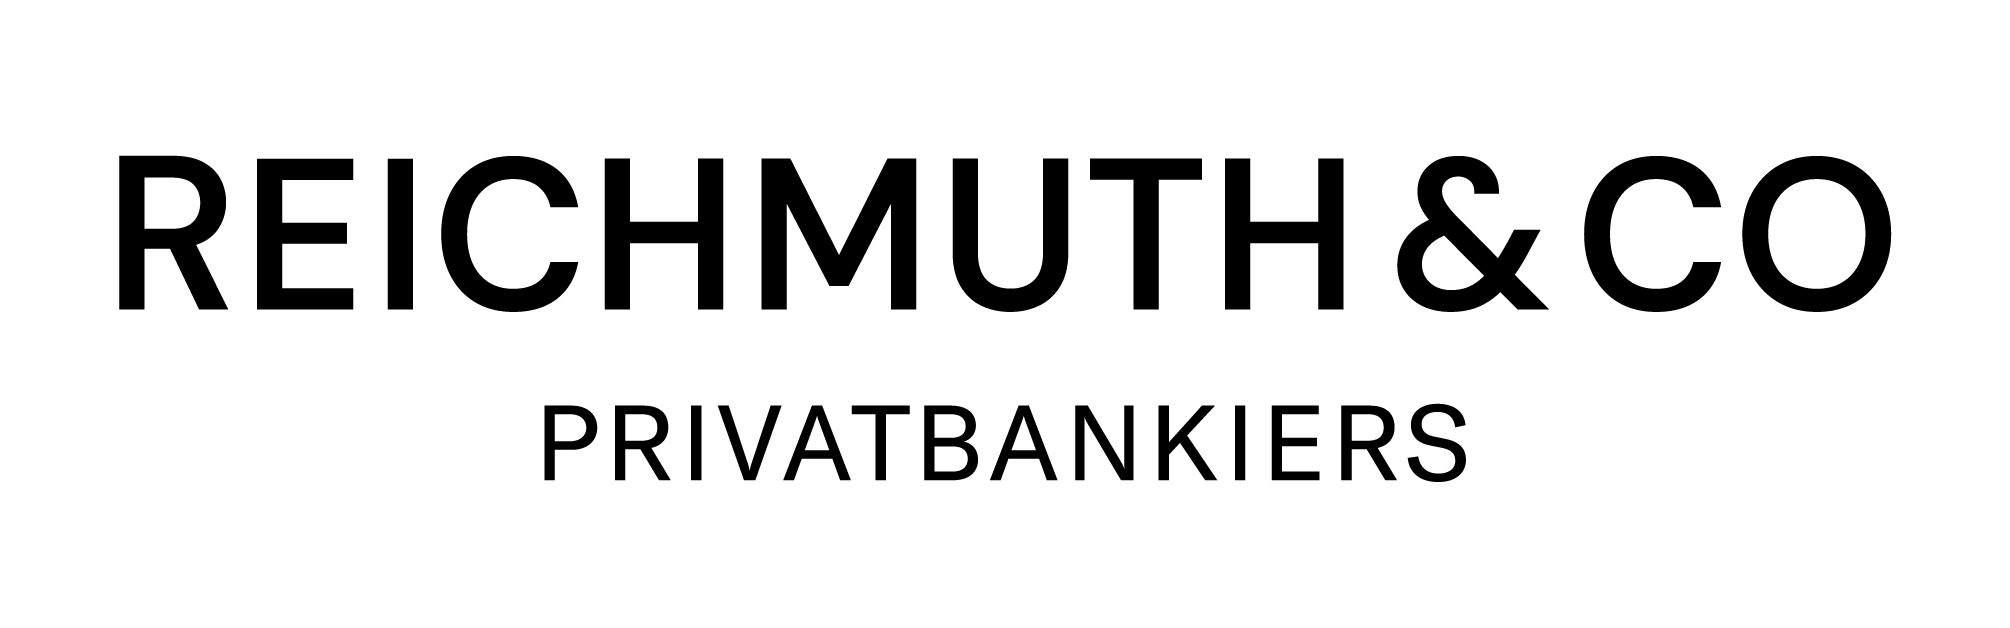 Reichmuth & Co